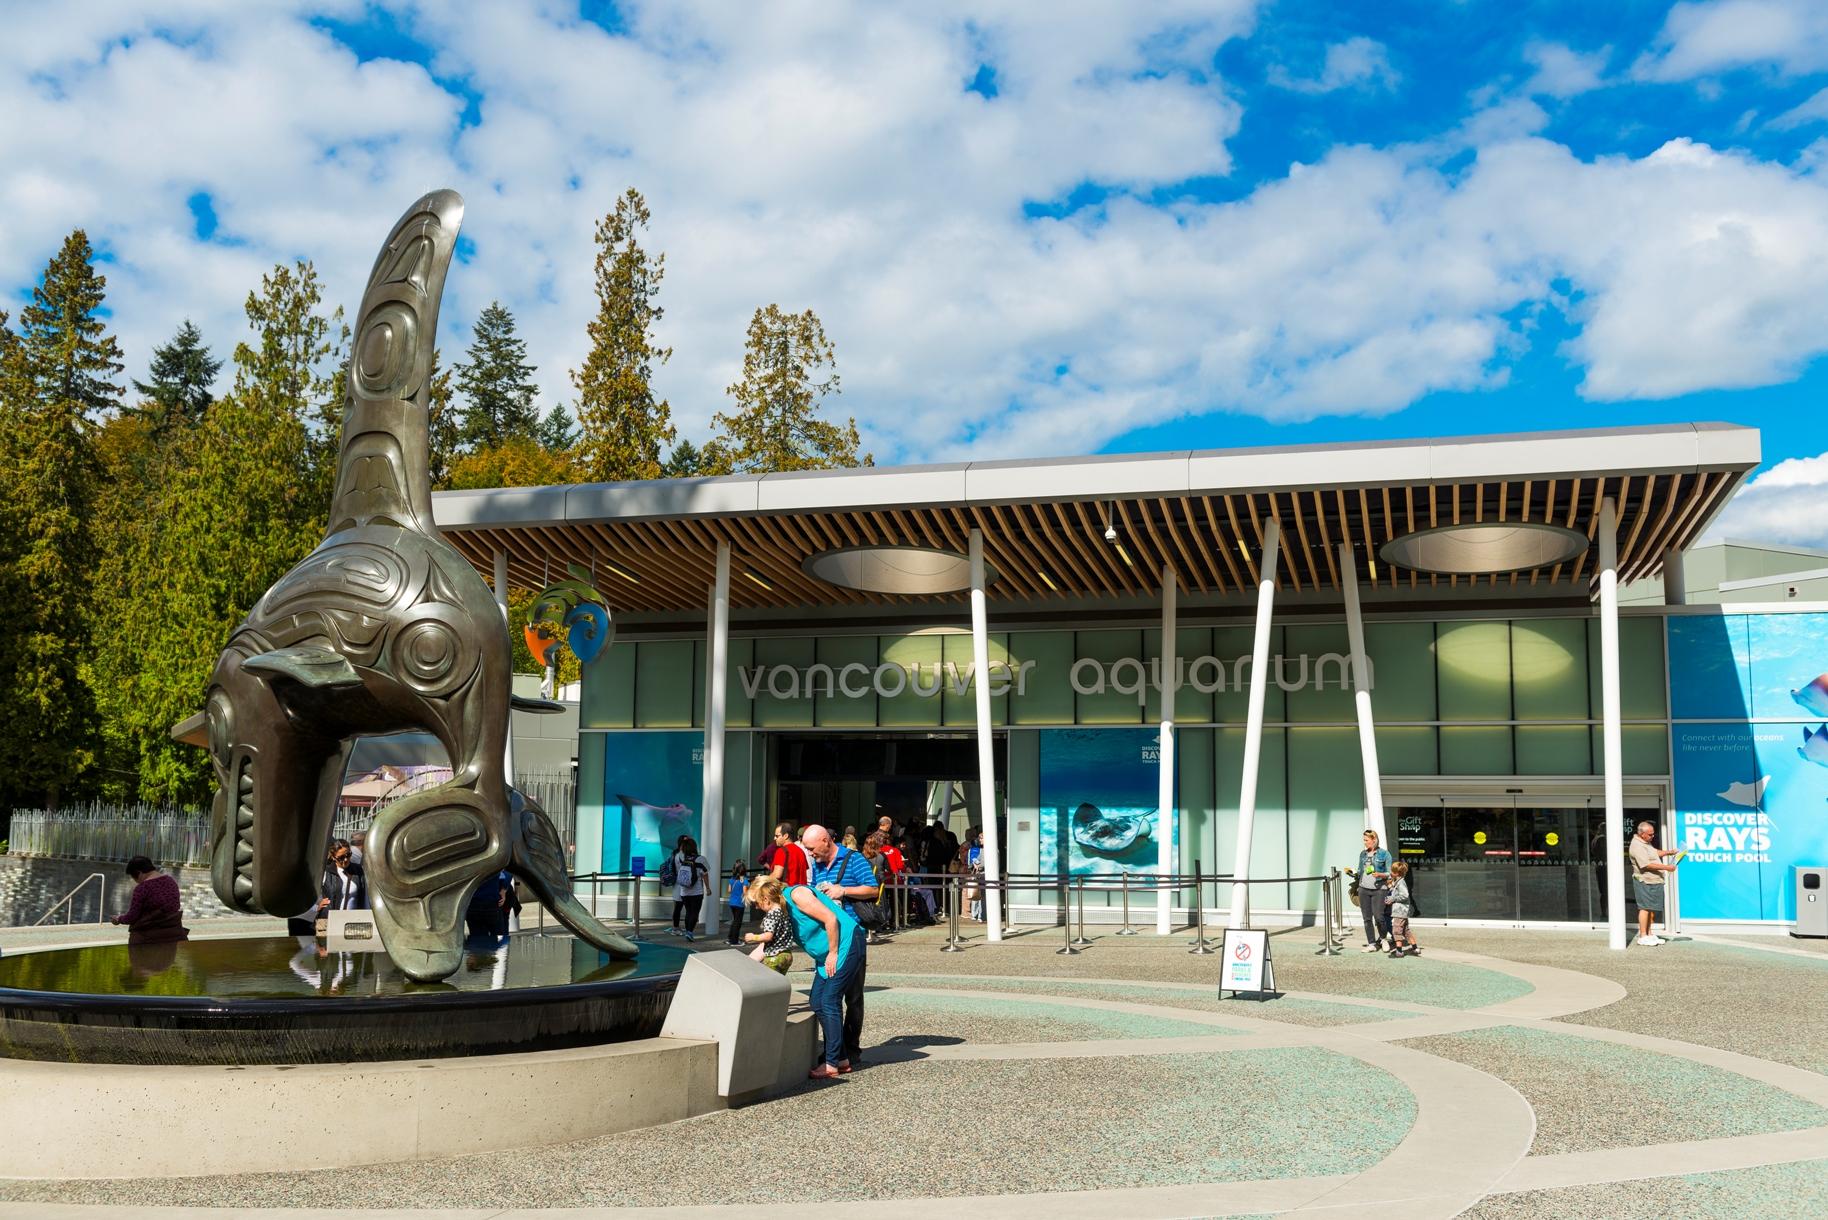 Vancouver Aquarium im Stanley Park, Stadt Vancouver, British Columbia, Kanada